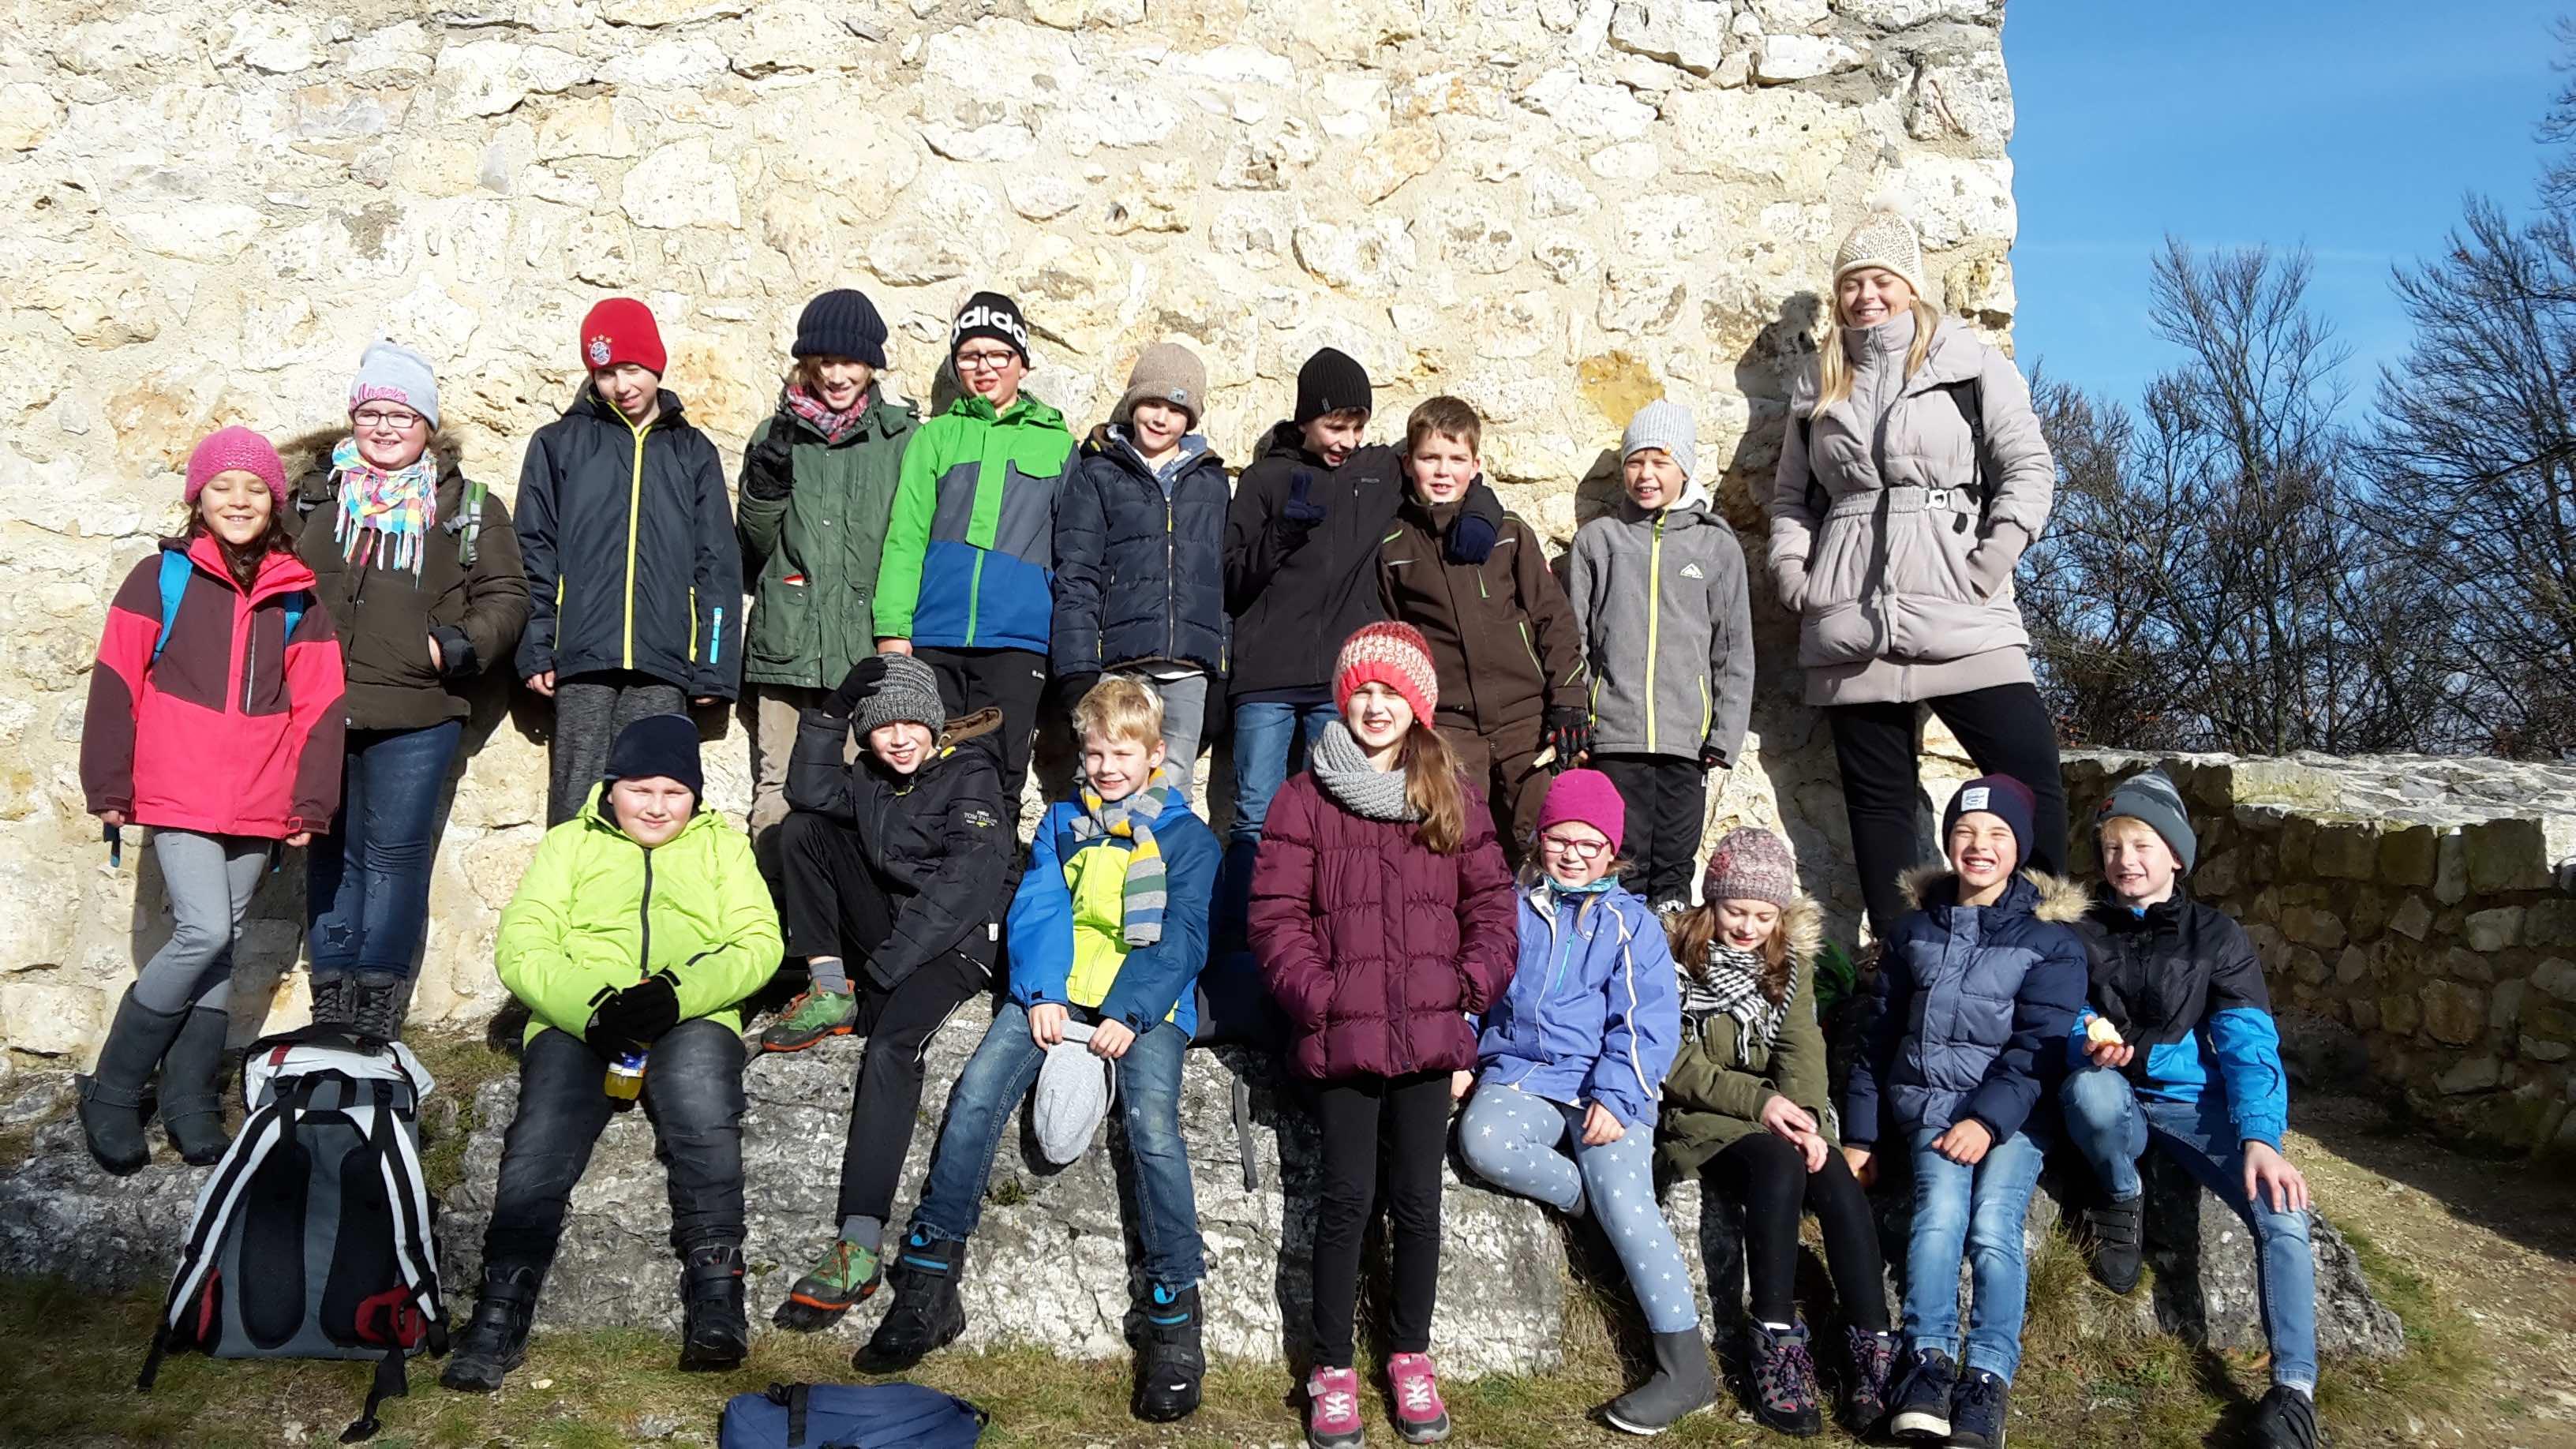 Burgruine-Gruppenfoto